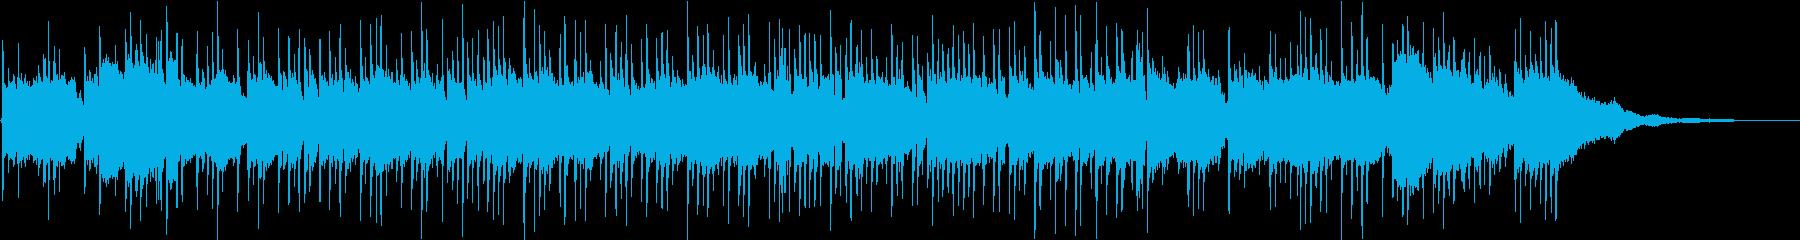 迷走のギターアルペジオの再生済みの波形